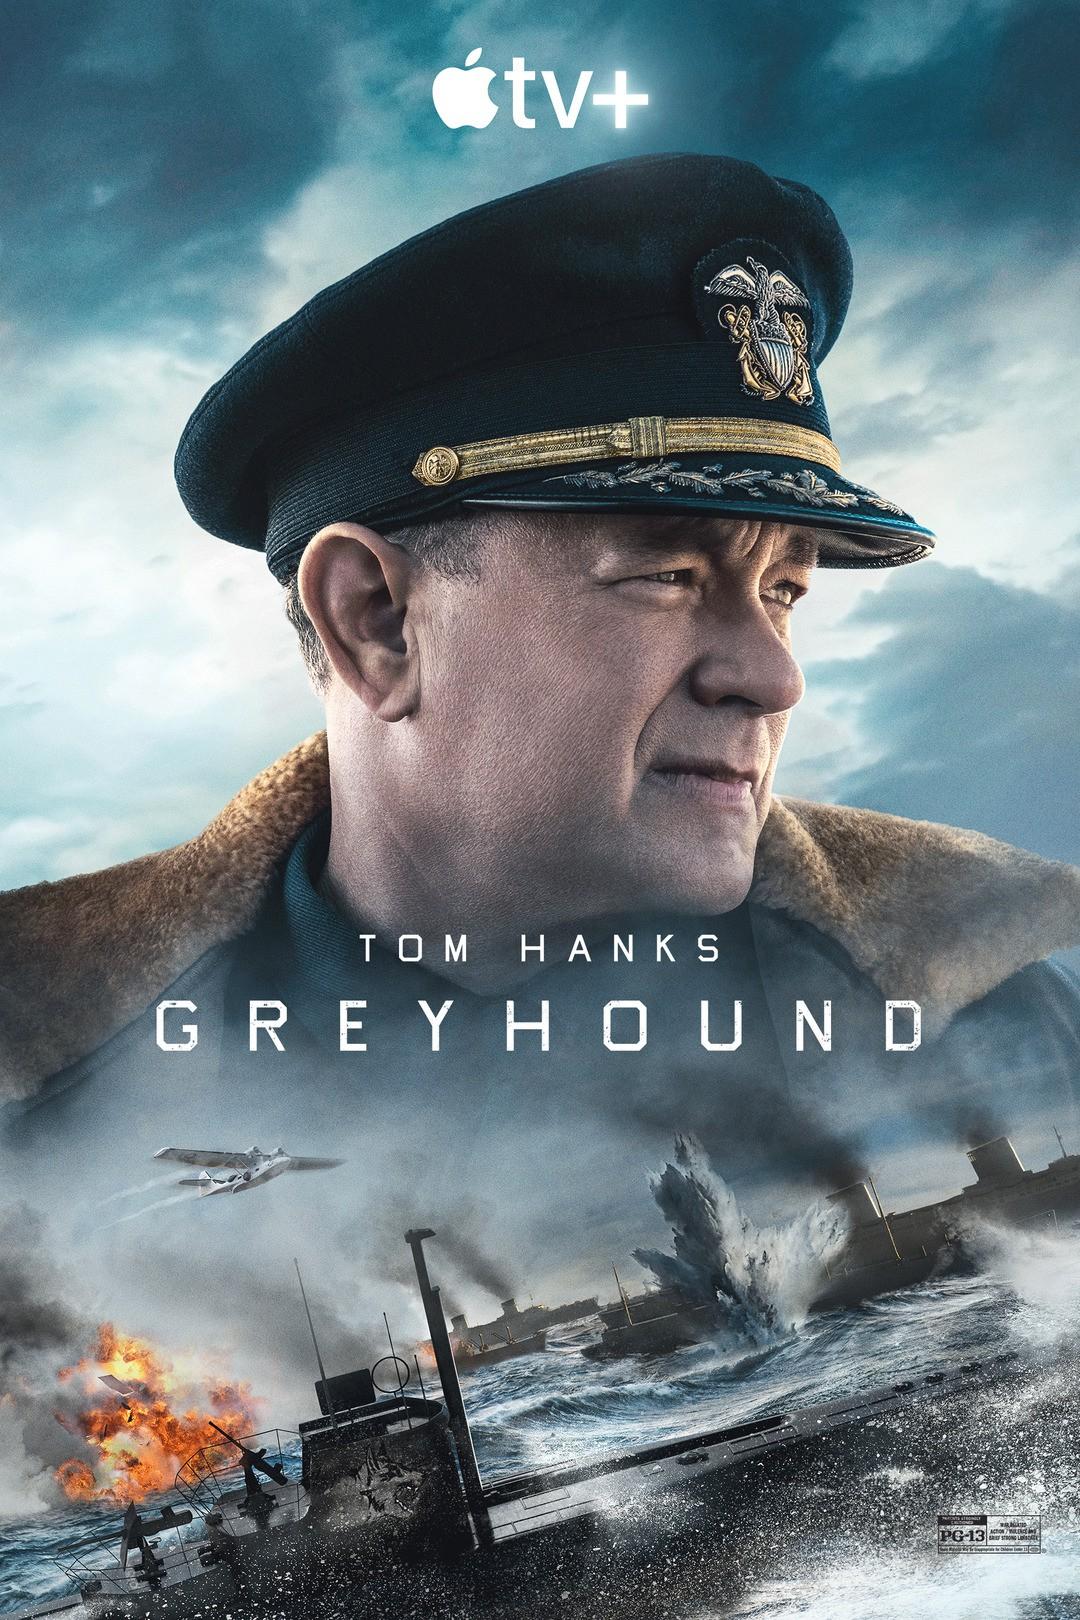 Greyhound - Bild 2 von 5